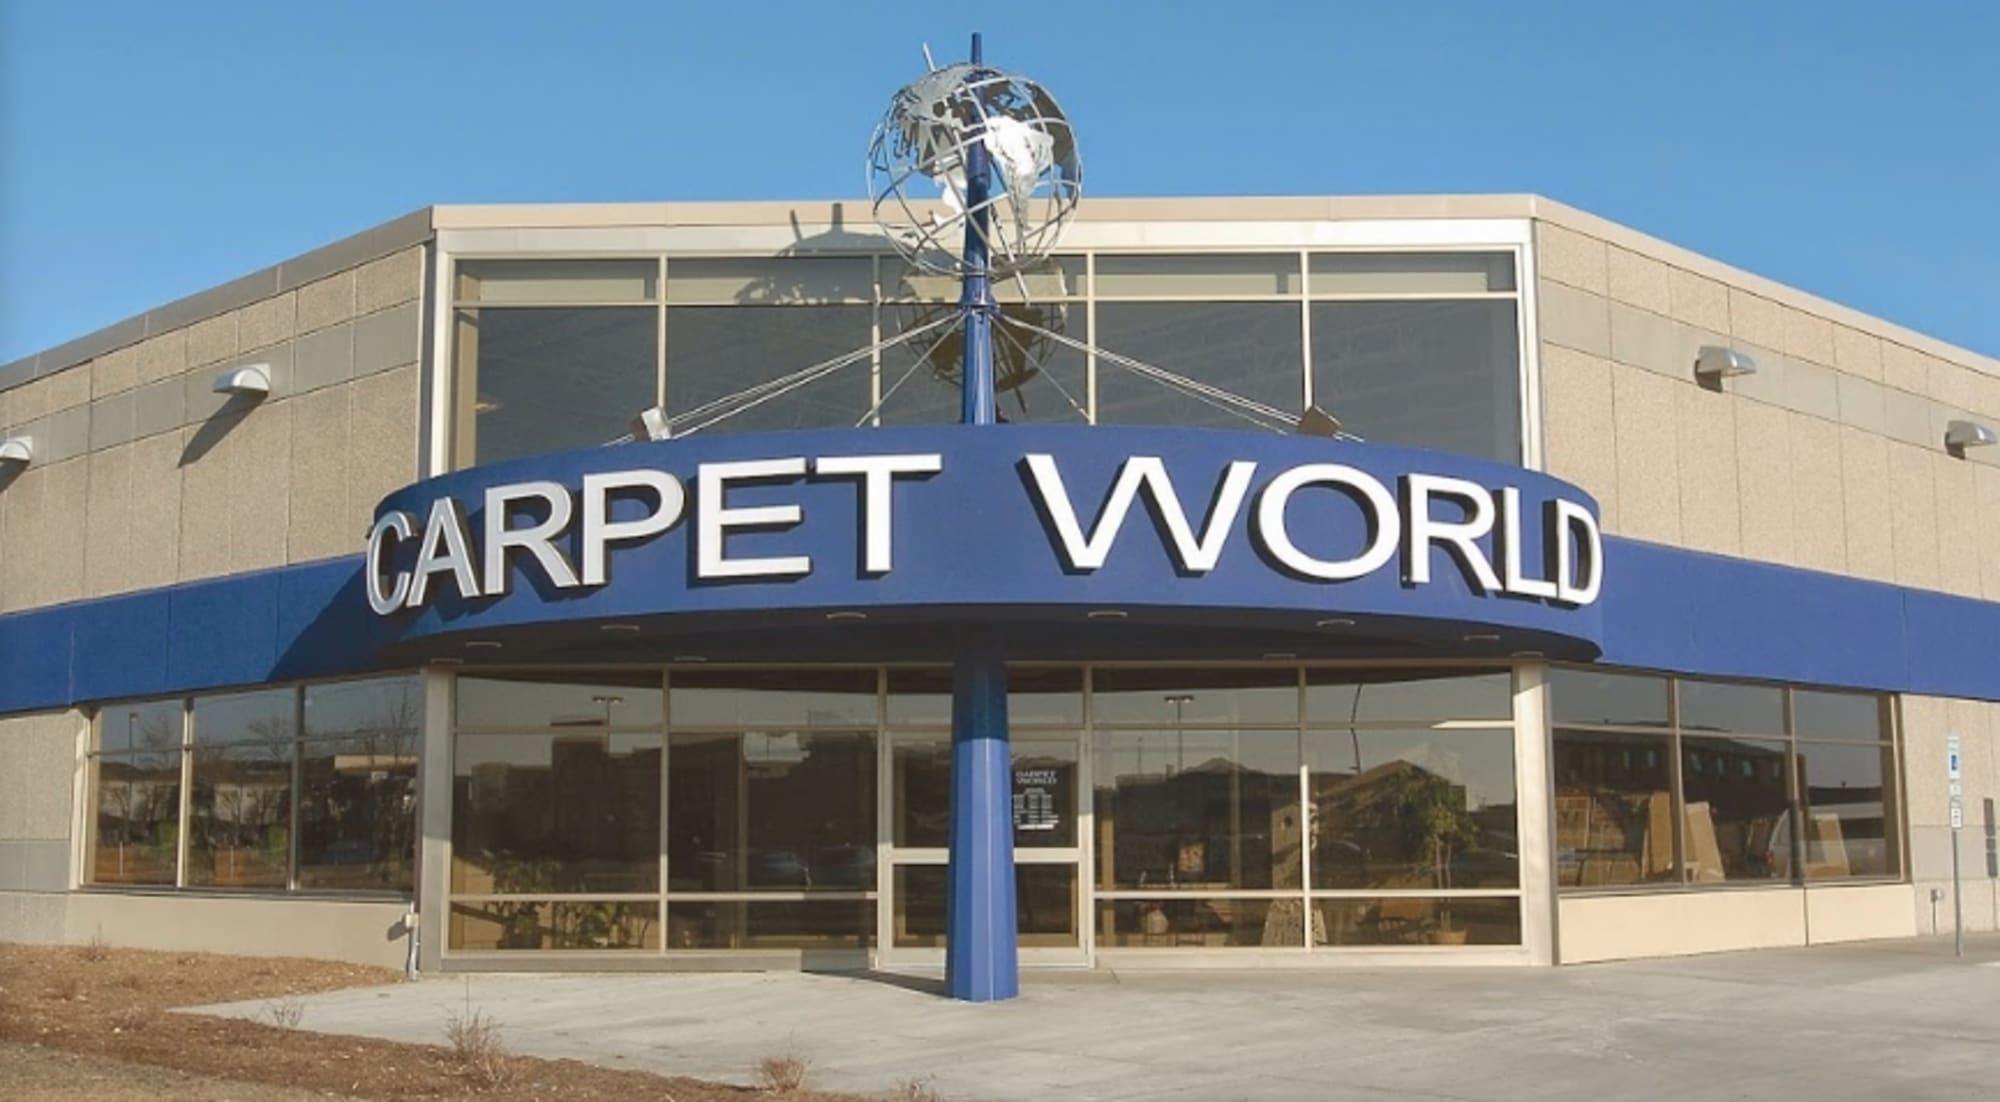 Carpet World Fargo - 4601 17th Ave S Fargo, ND 58103